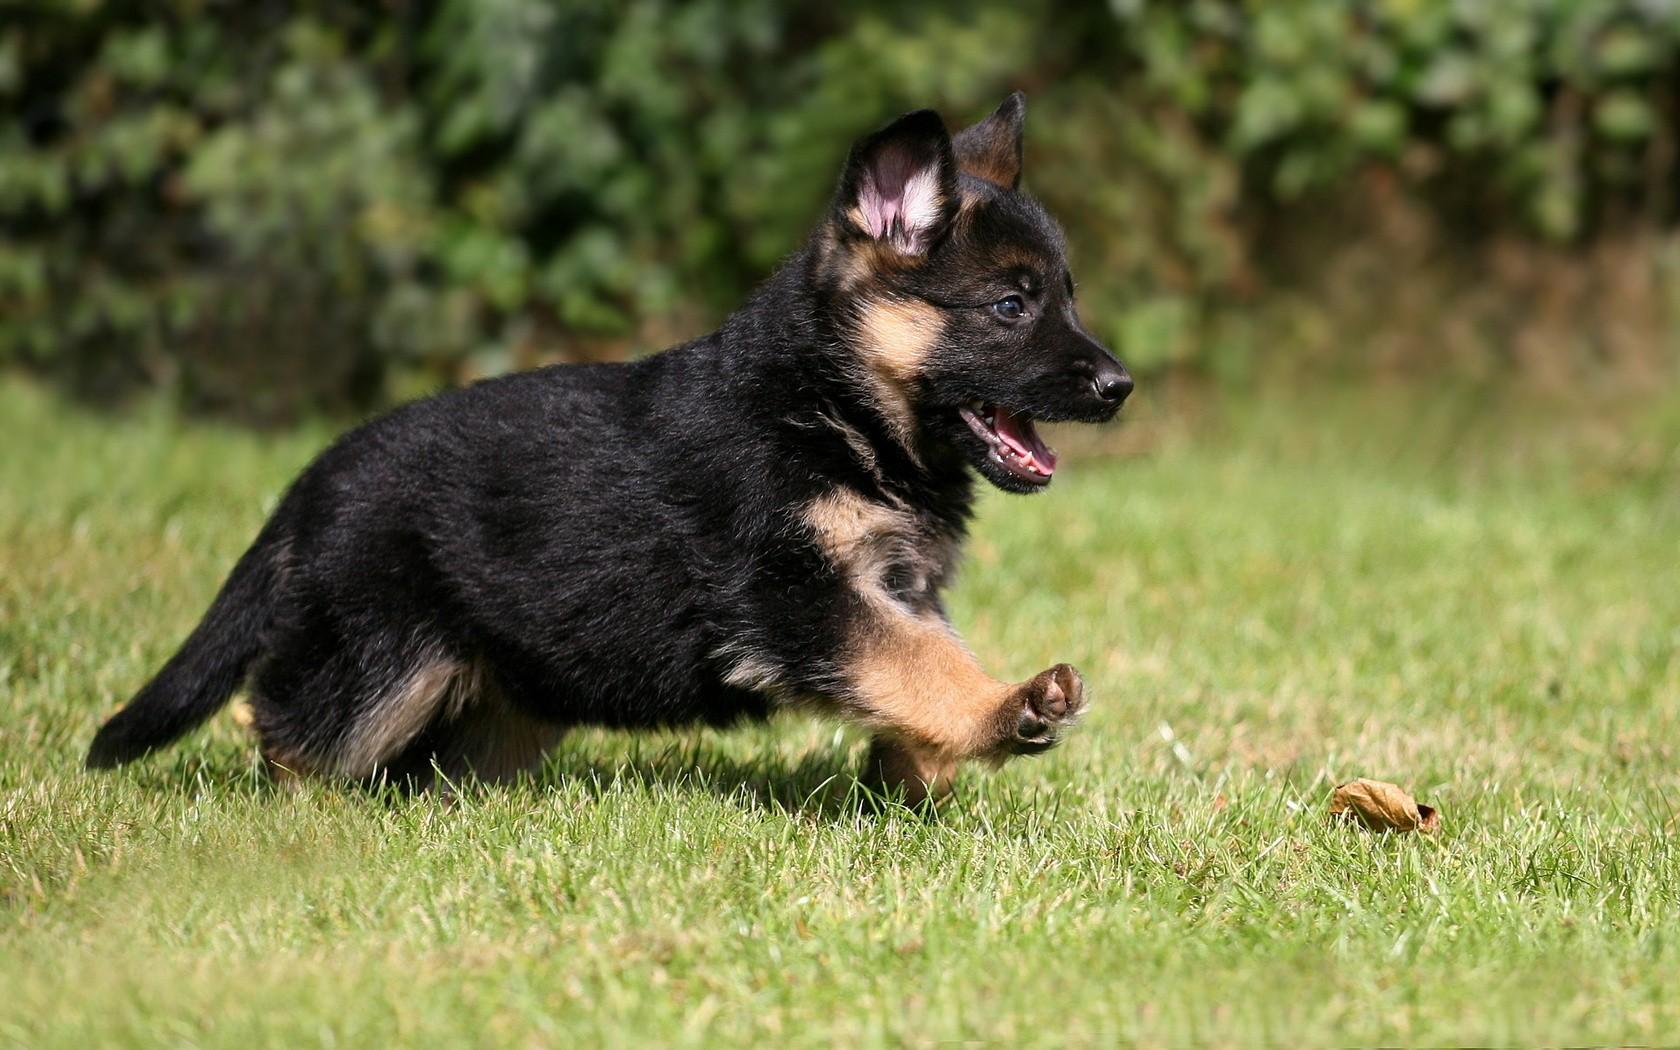 hintergrundbilder tiere deutscher sch ferhund welpen wirbeltier hund wie s ugetier. Black Bedroom Furniture Sets. Home Design Ideas